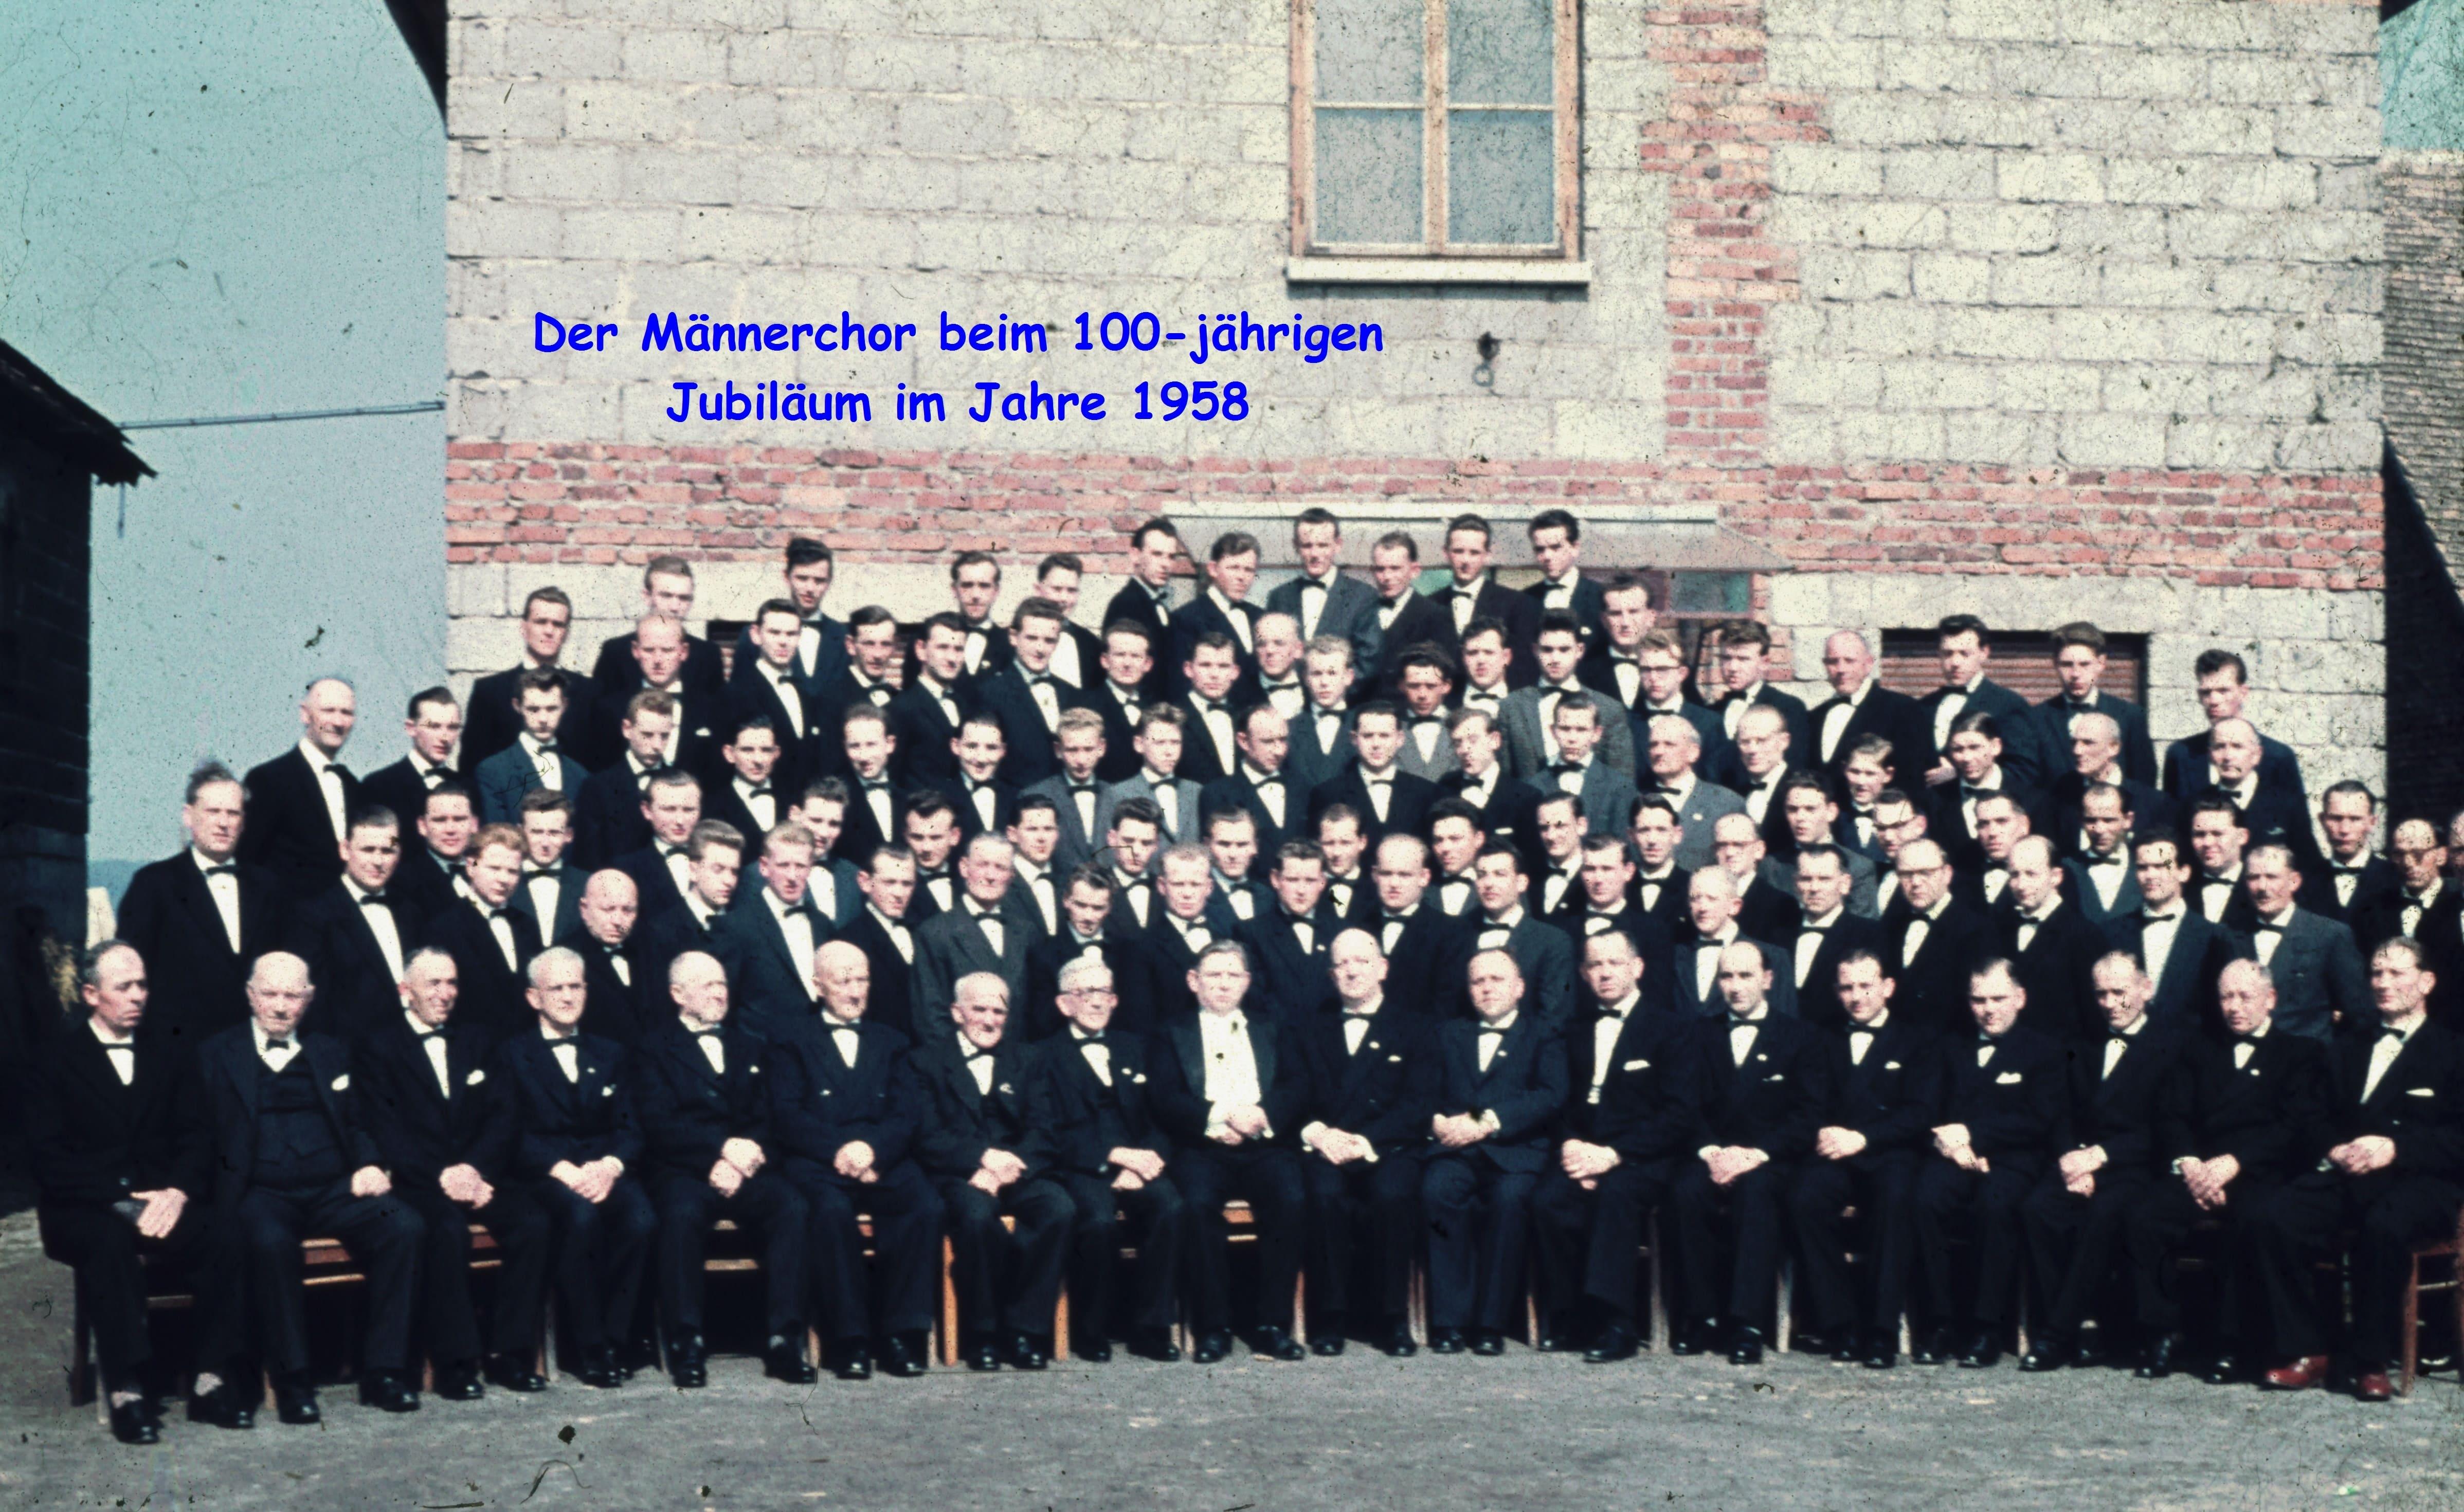 100järiges Fest 1958-iloveimg-compressed